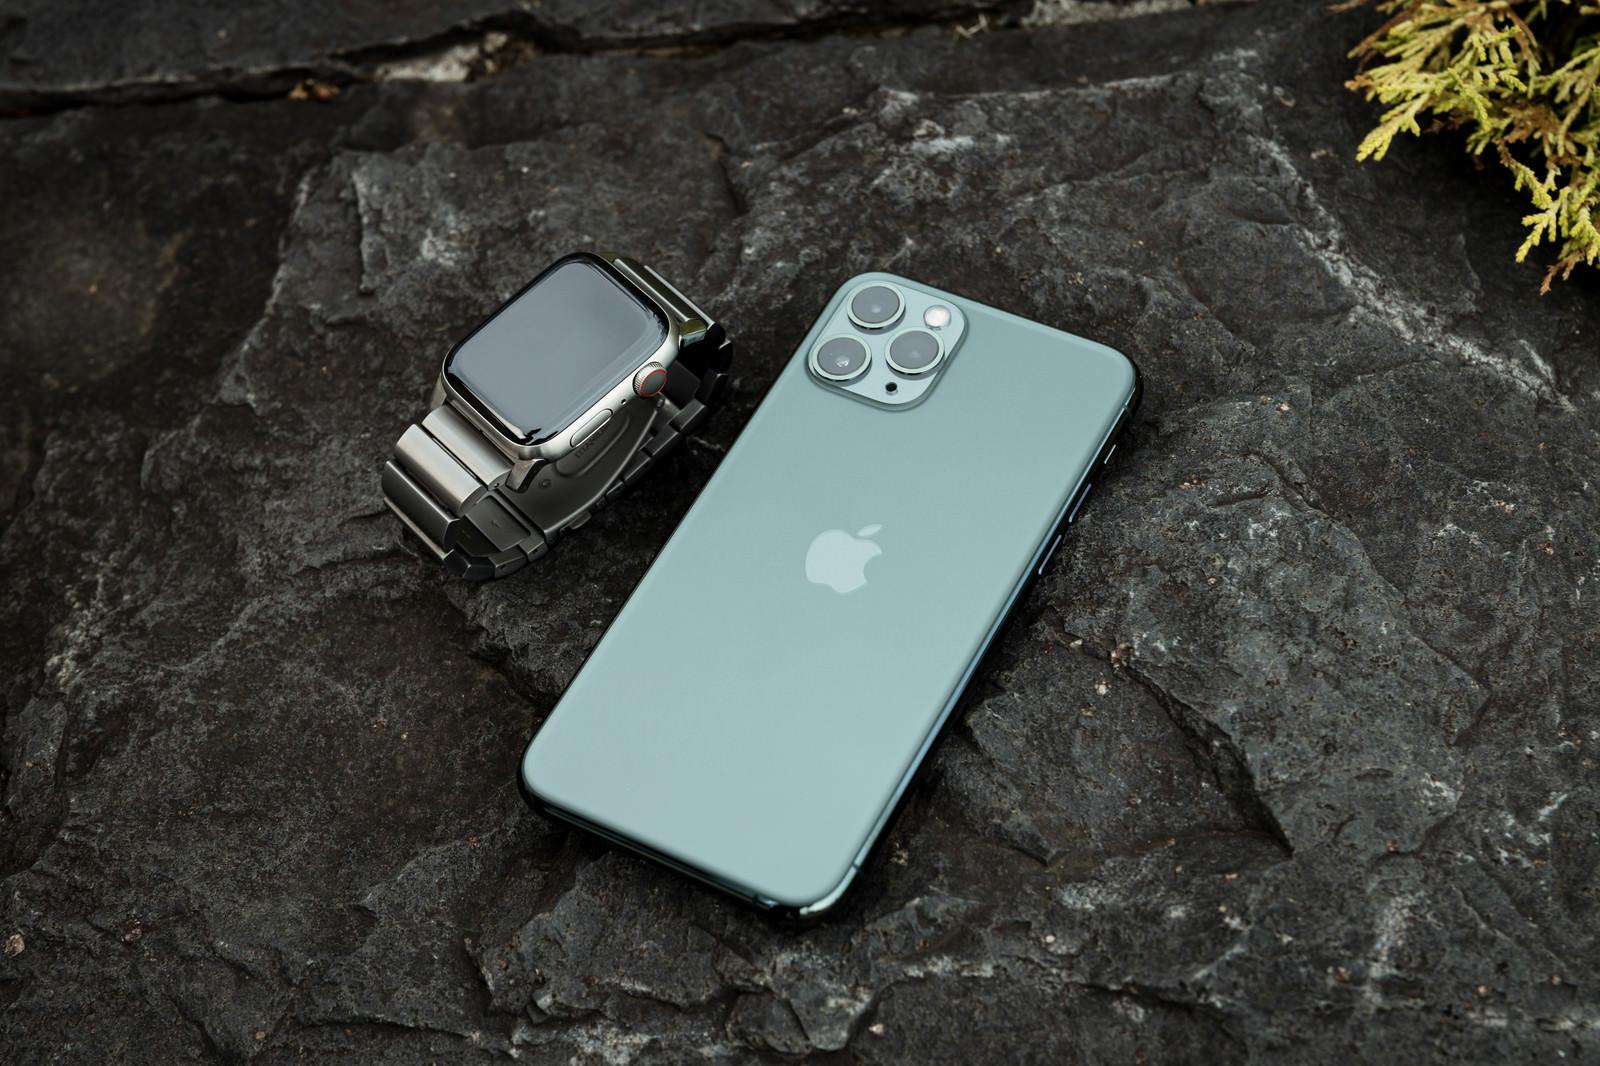 「Apple Watch と iPhone 11 Pro のペア」の写真